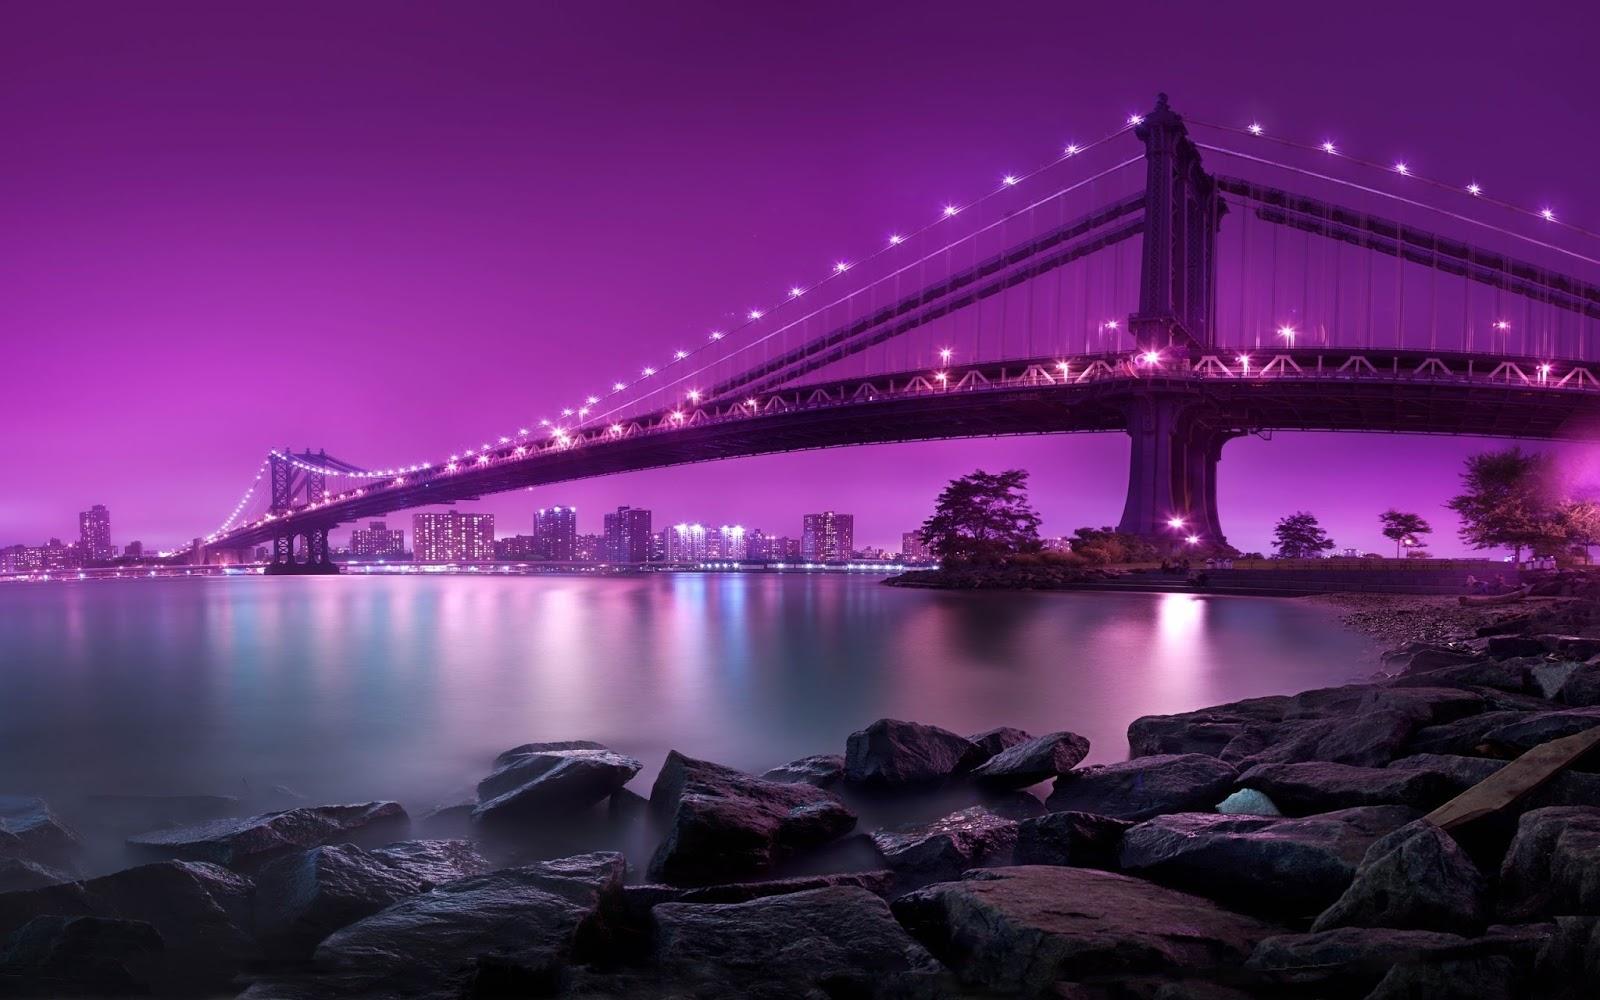 Purple HD Wallpapers 1600x1000